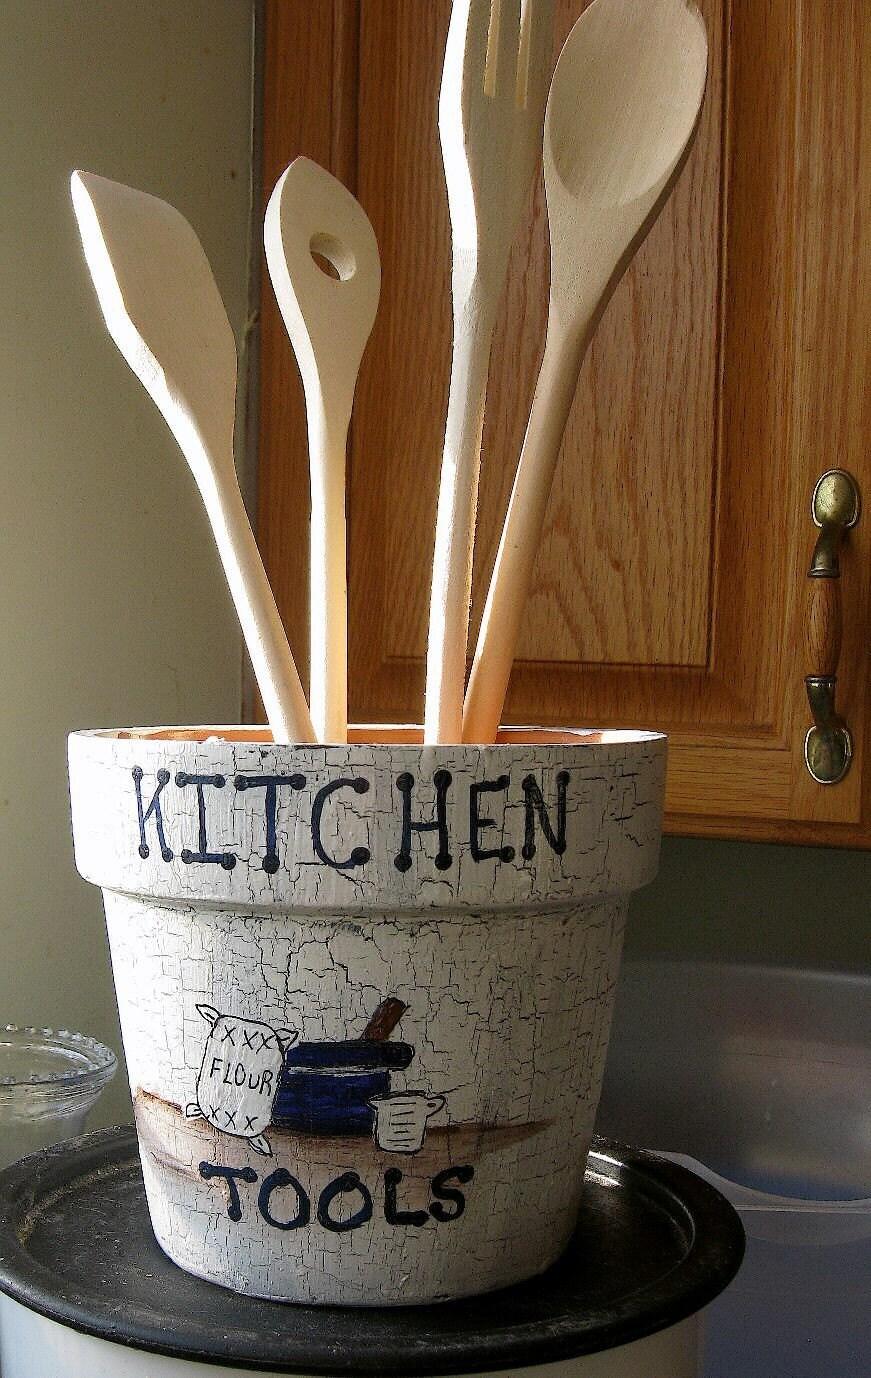 Country kitchen utensil holder by momlittr on etsy - Unique kitchen utensil holder ...